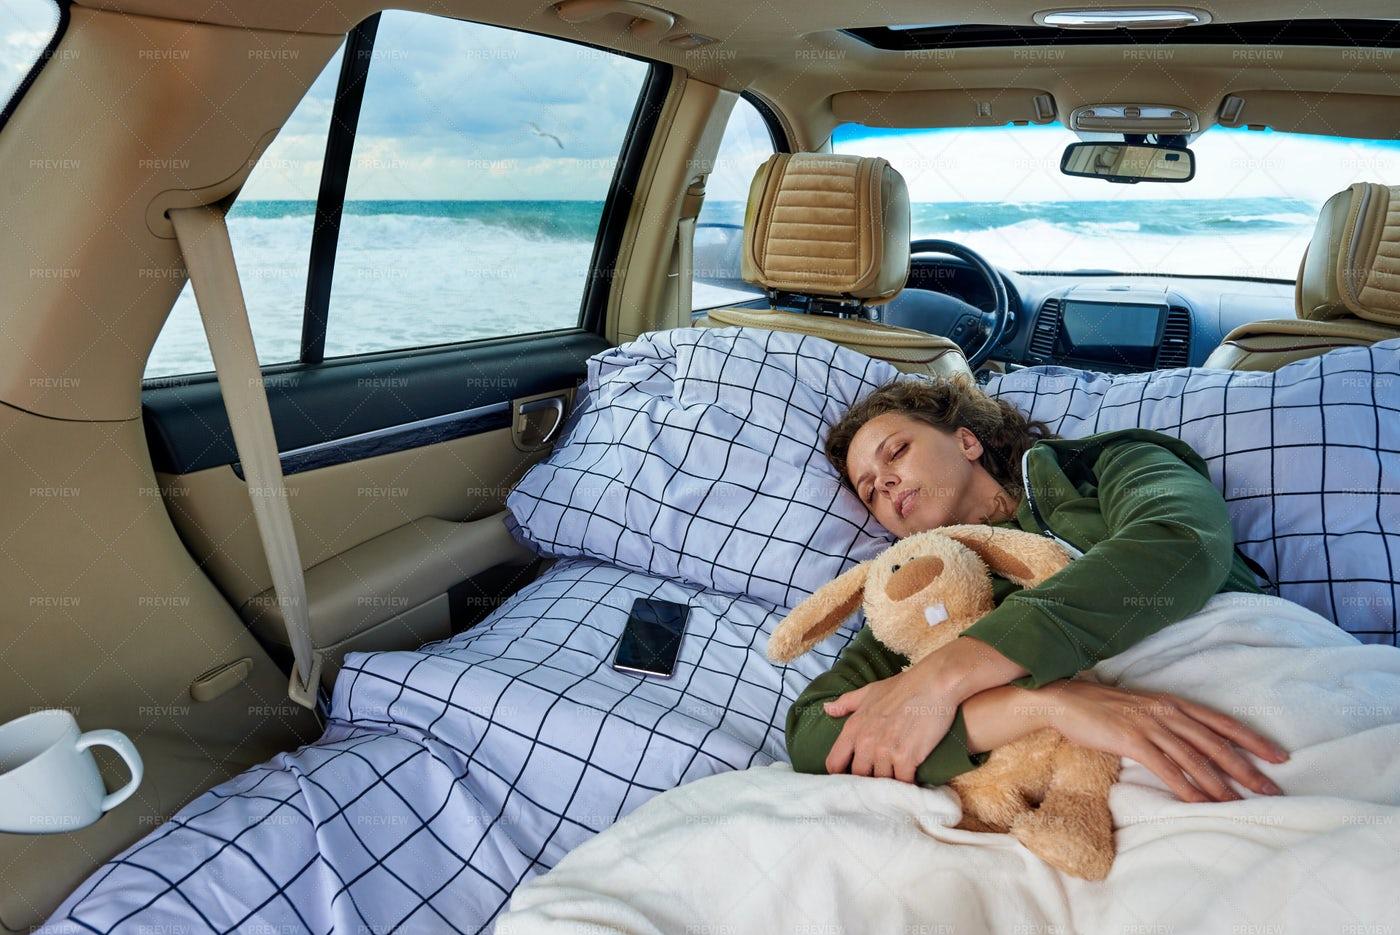 Sleeping Next To Ocean: Stock Photos